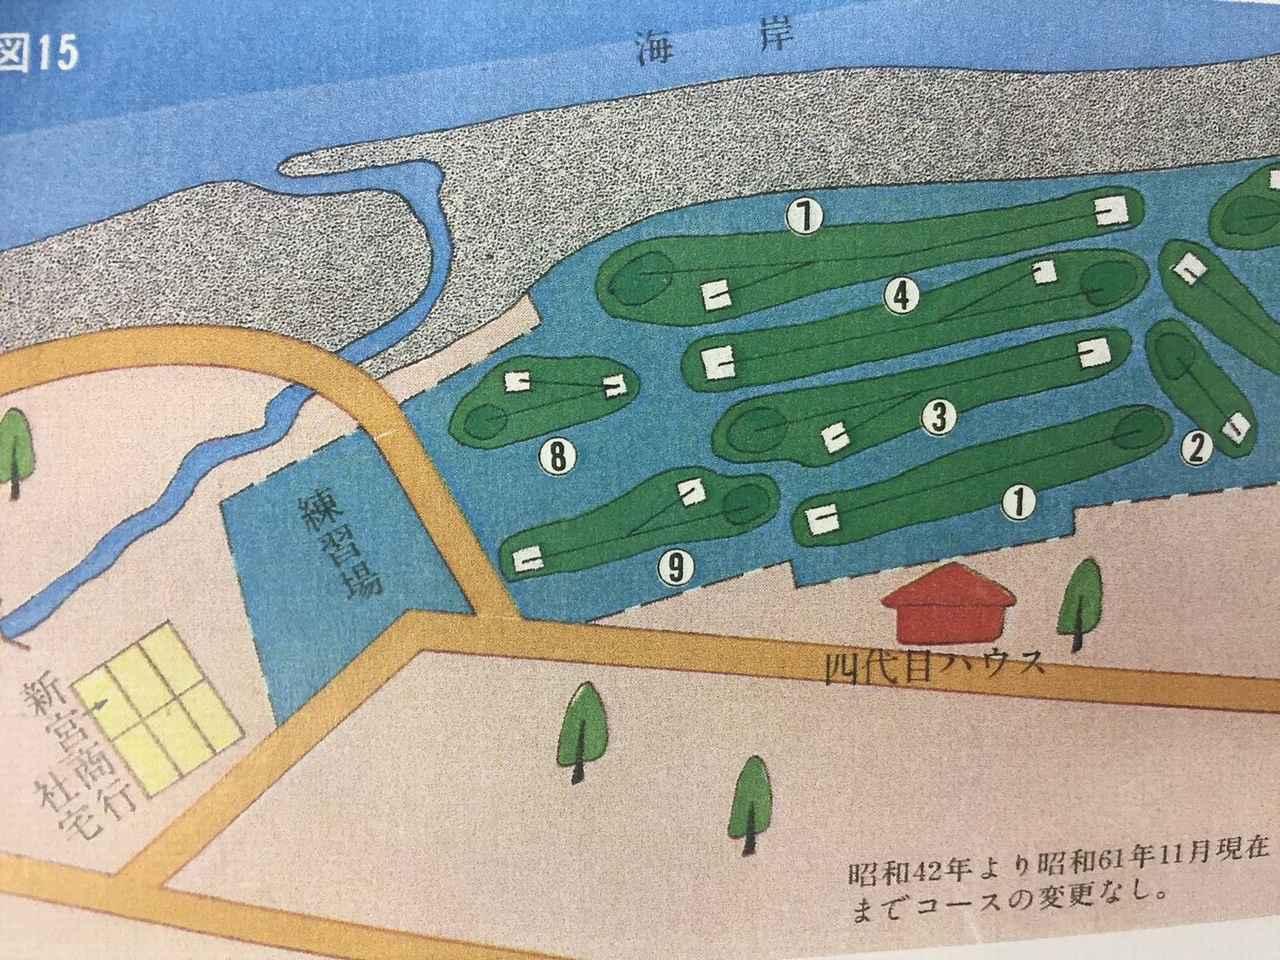 画像: 【After】昭和42年から現在にいたるコース図。最初の3ホールは練習場になっていることが分かります。また、一部は借地だったため、貸主である新営商行へ返還後、社宅として使用されていたことが分かります。